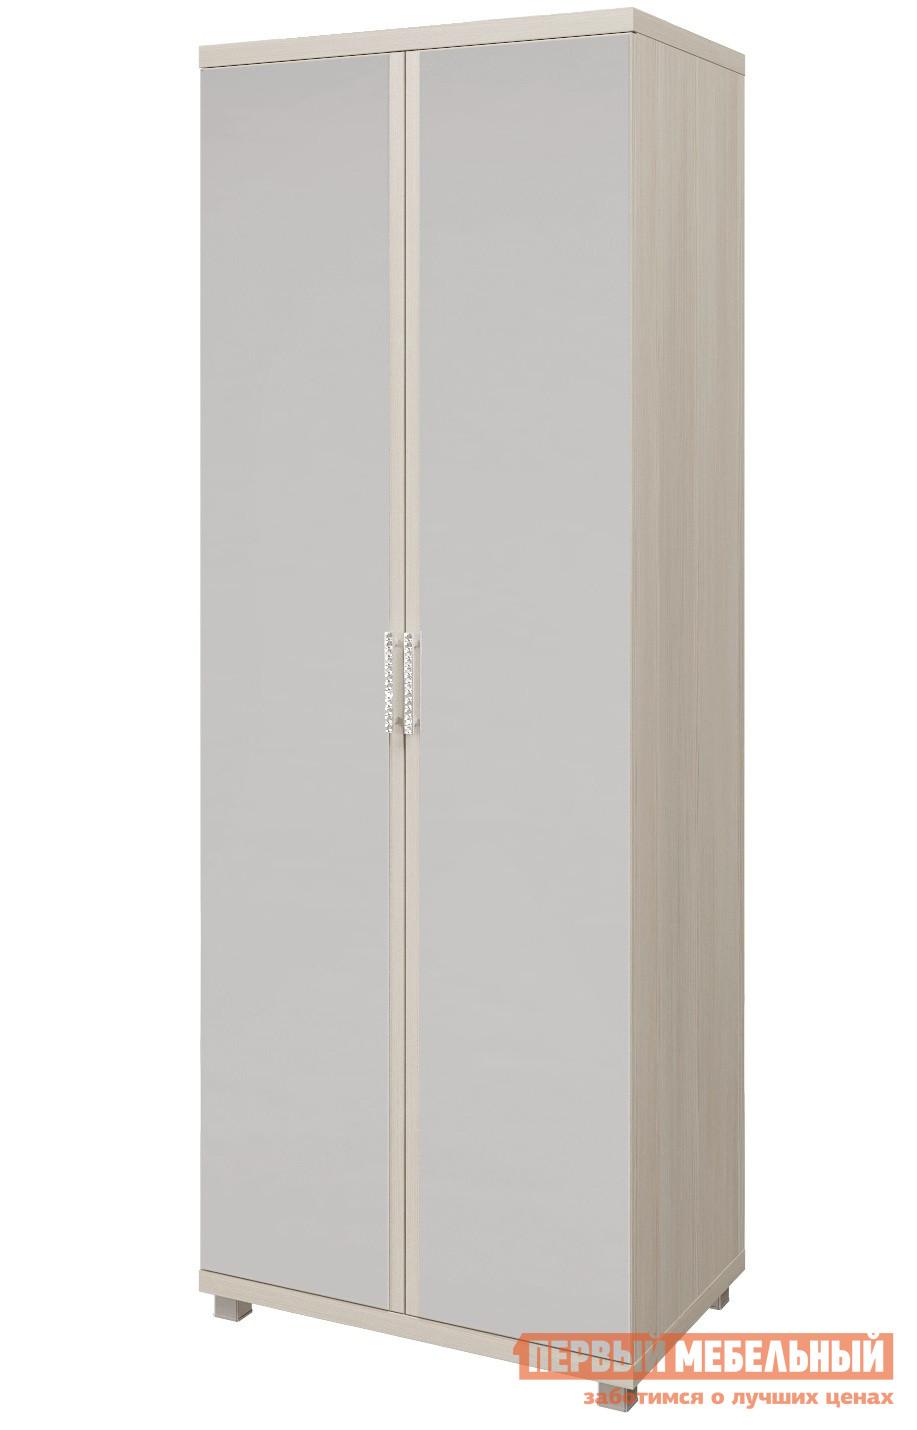 Шкаф распашной ТД Арника 10 «Ирис» Шкаф для одежды 2-х дверный с зеркалом шкаф для одежды 4 х дв с ящиками ирис